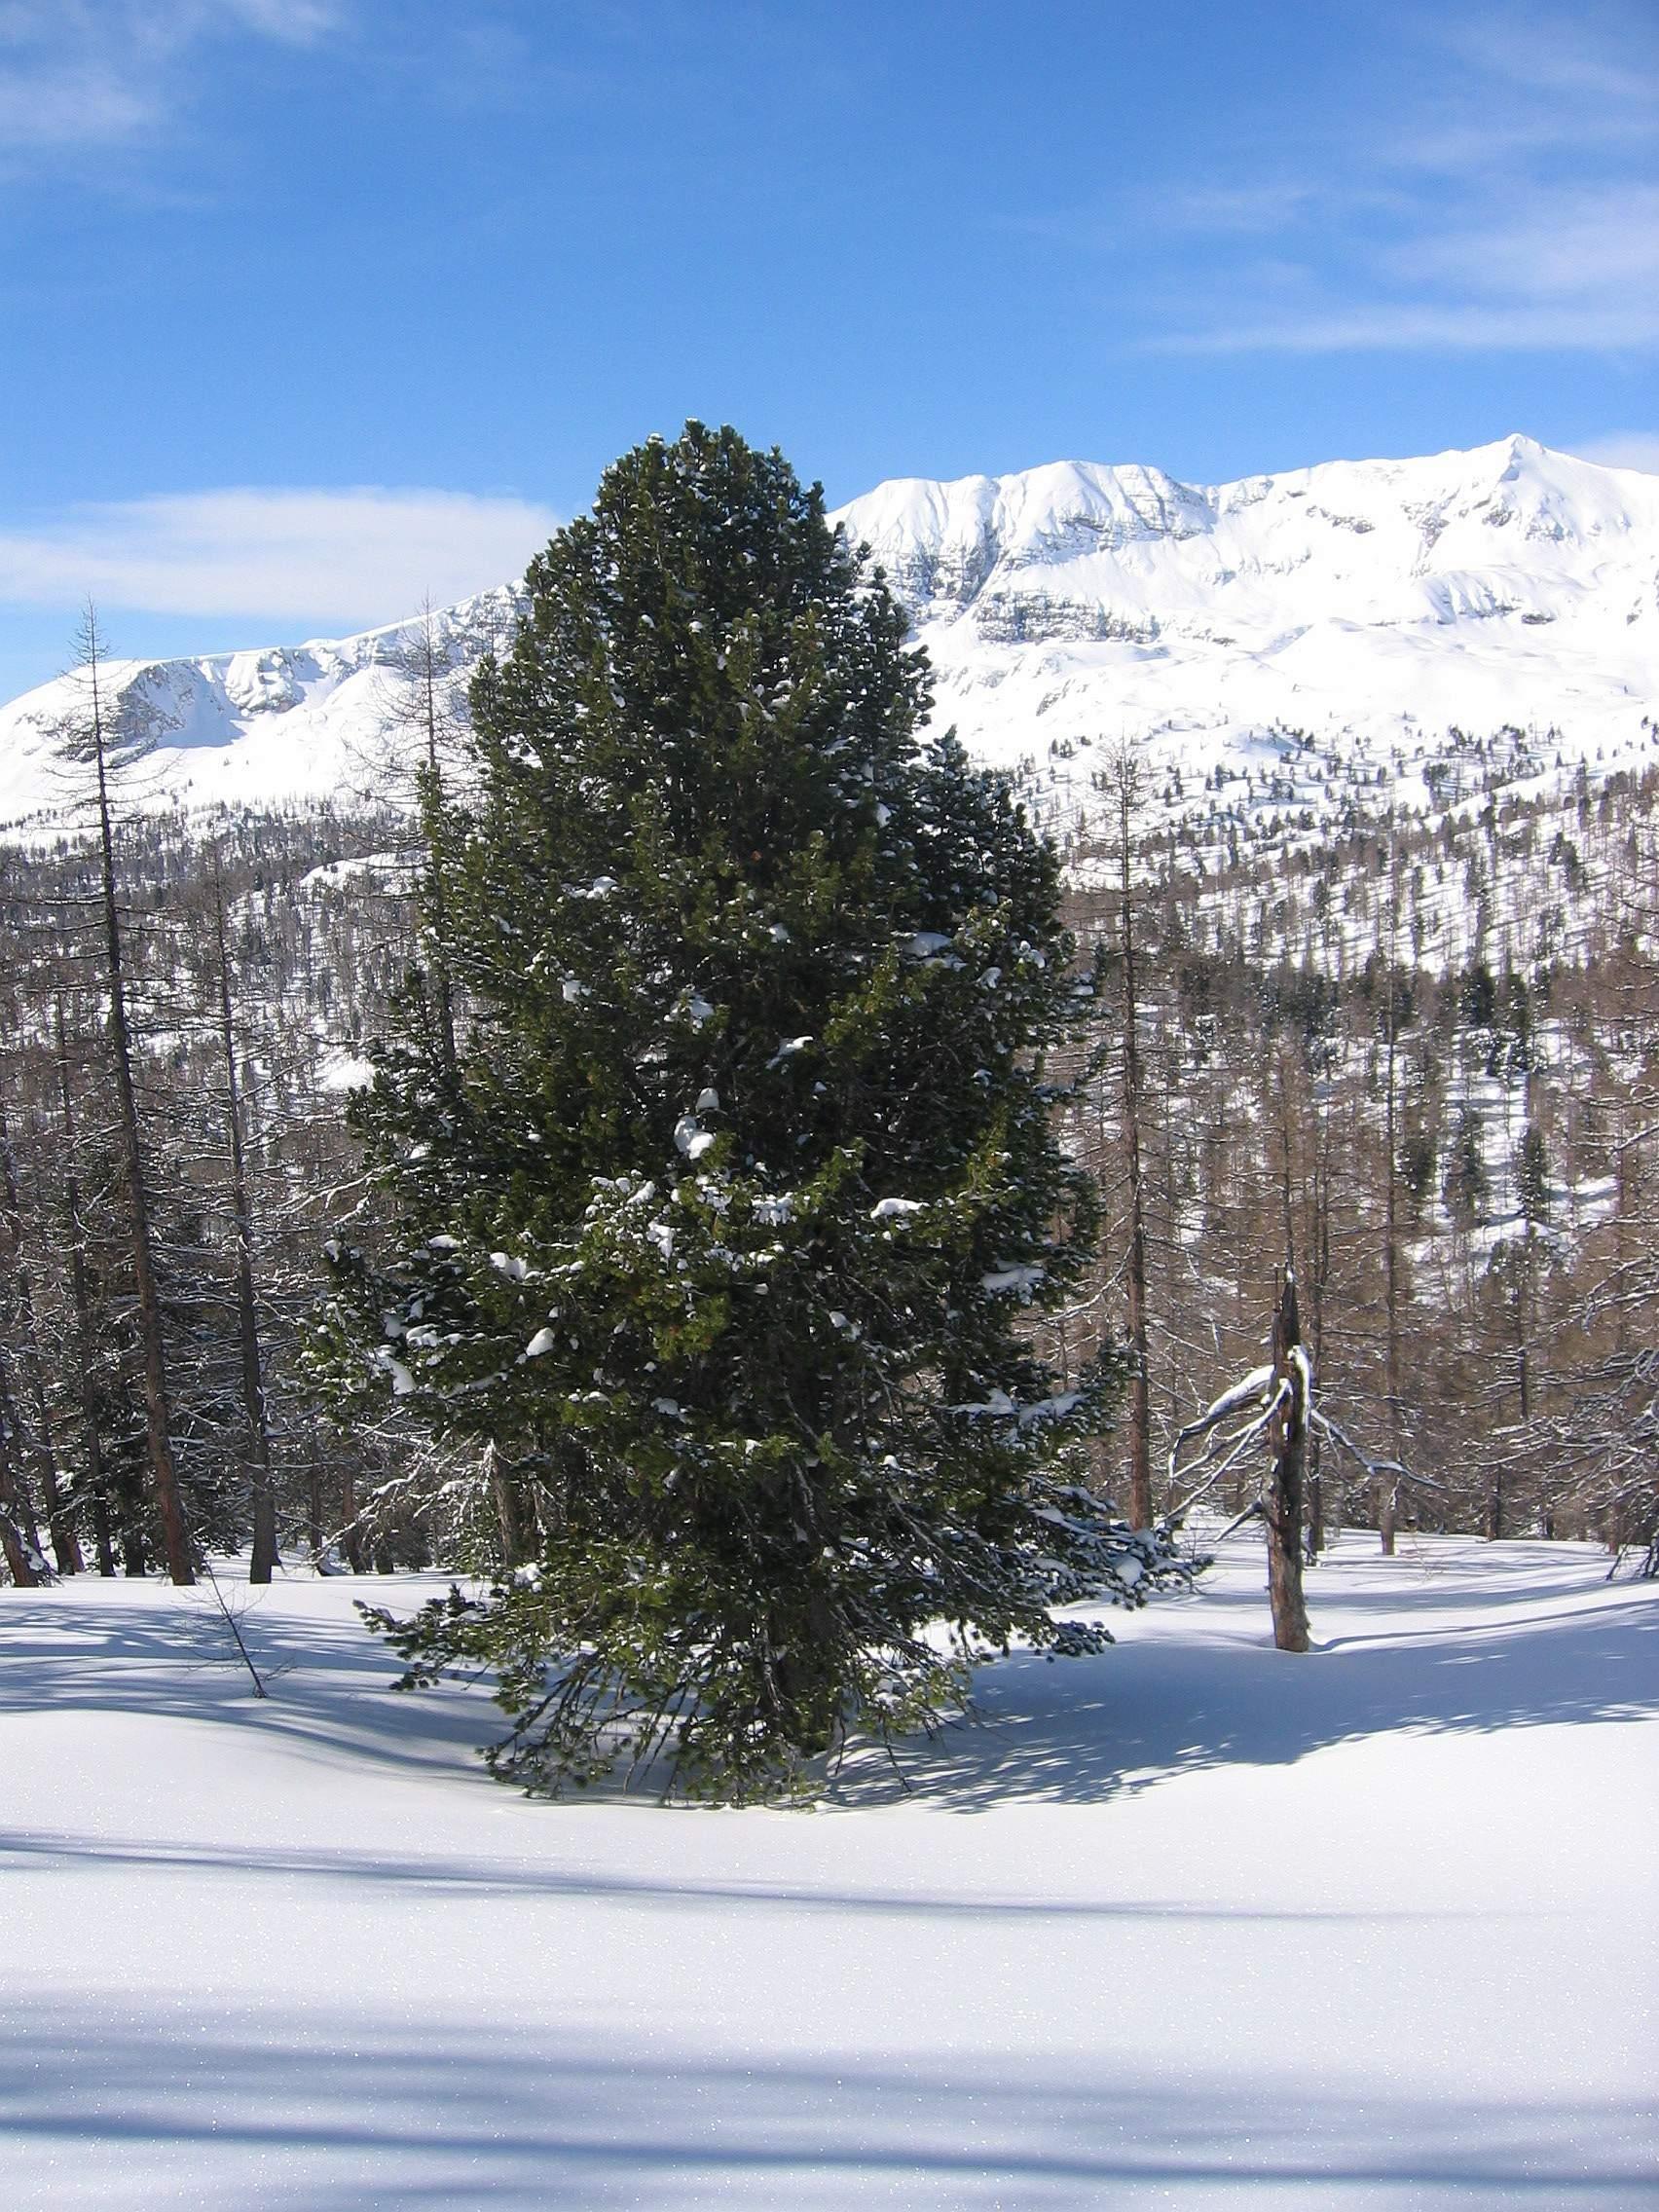 Zirbelkiefer im Winter im Verbund mit Lärchen - Bildrechte liegen beim Nutzer Tigerente auf www.wikipedia.org